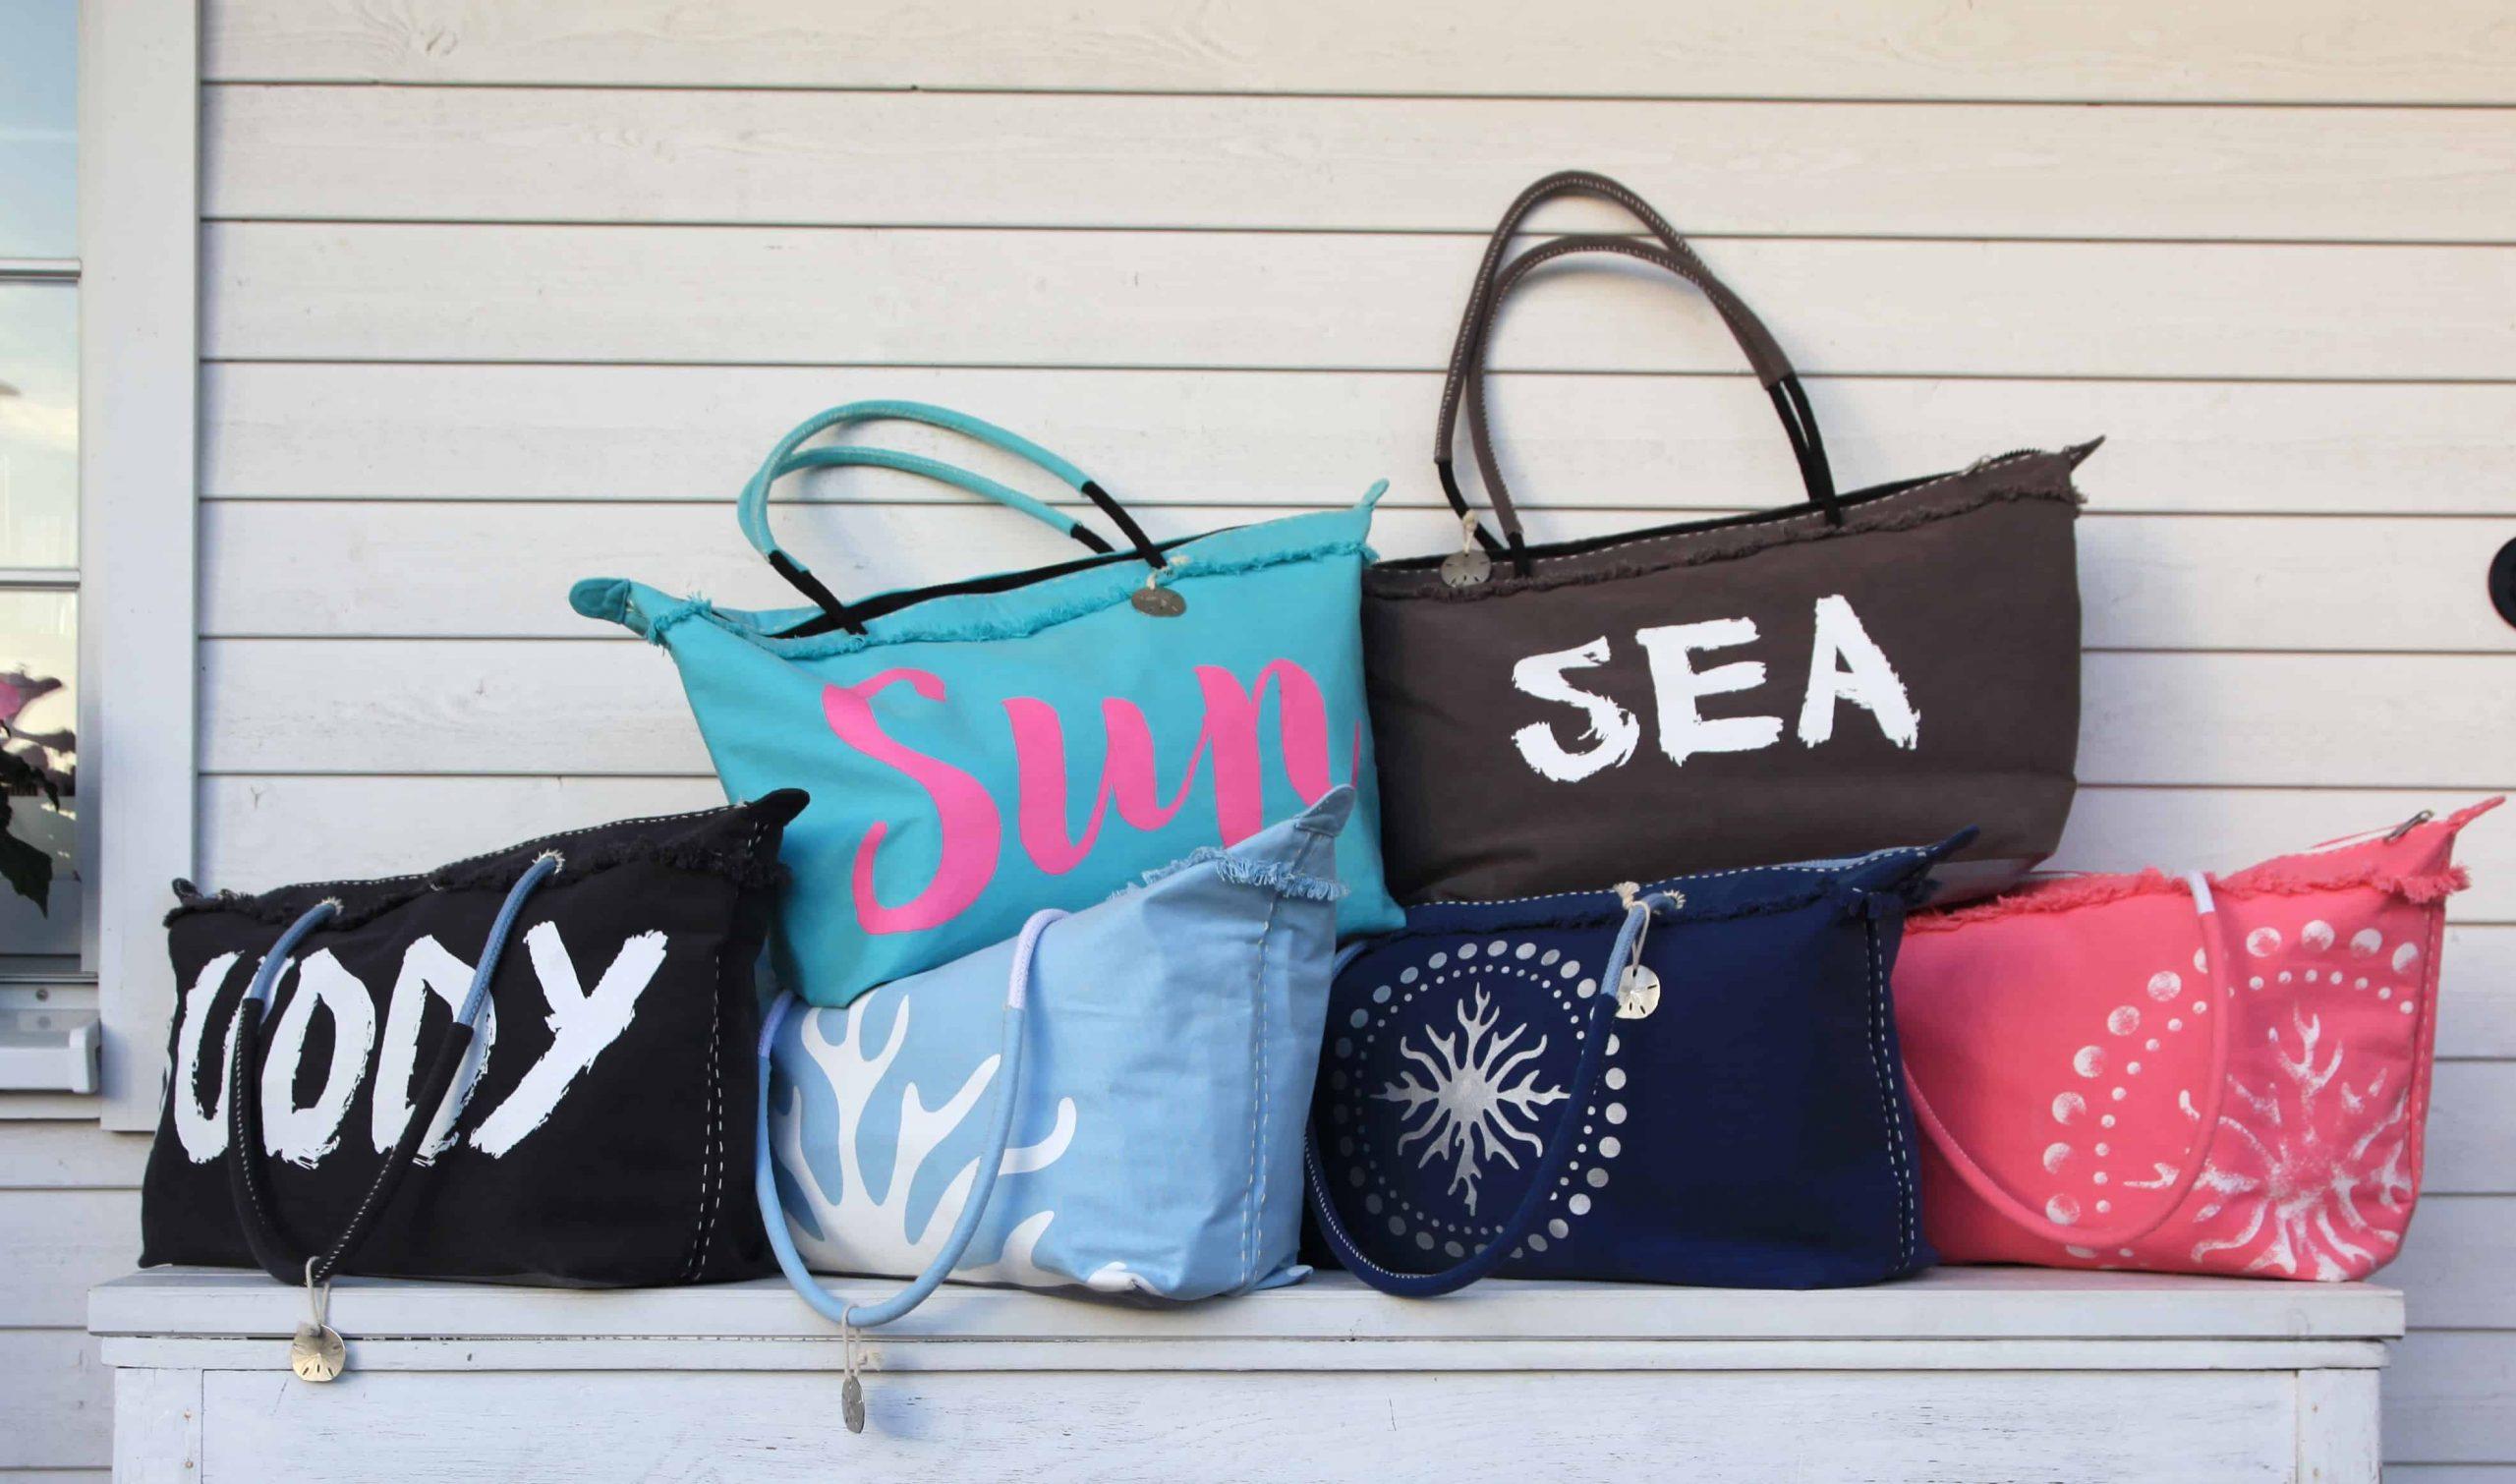 Foto de seis bolsas de praia grandes e amontoadas, com diferentes cores e estampas, encostadas em uma parede branca.